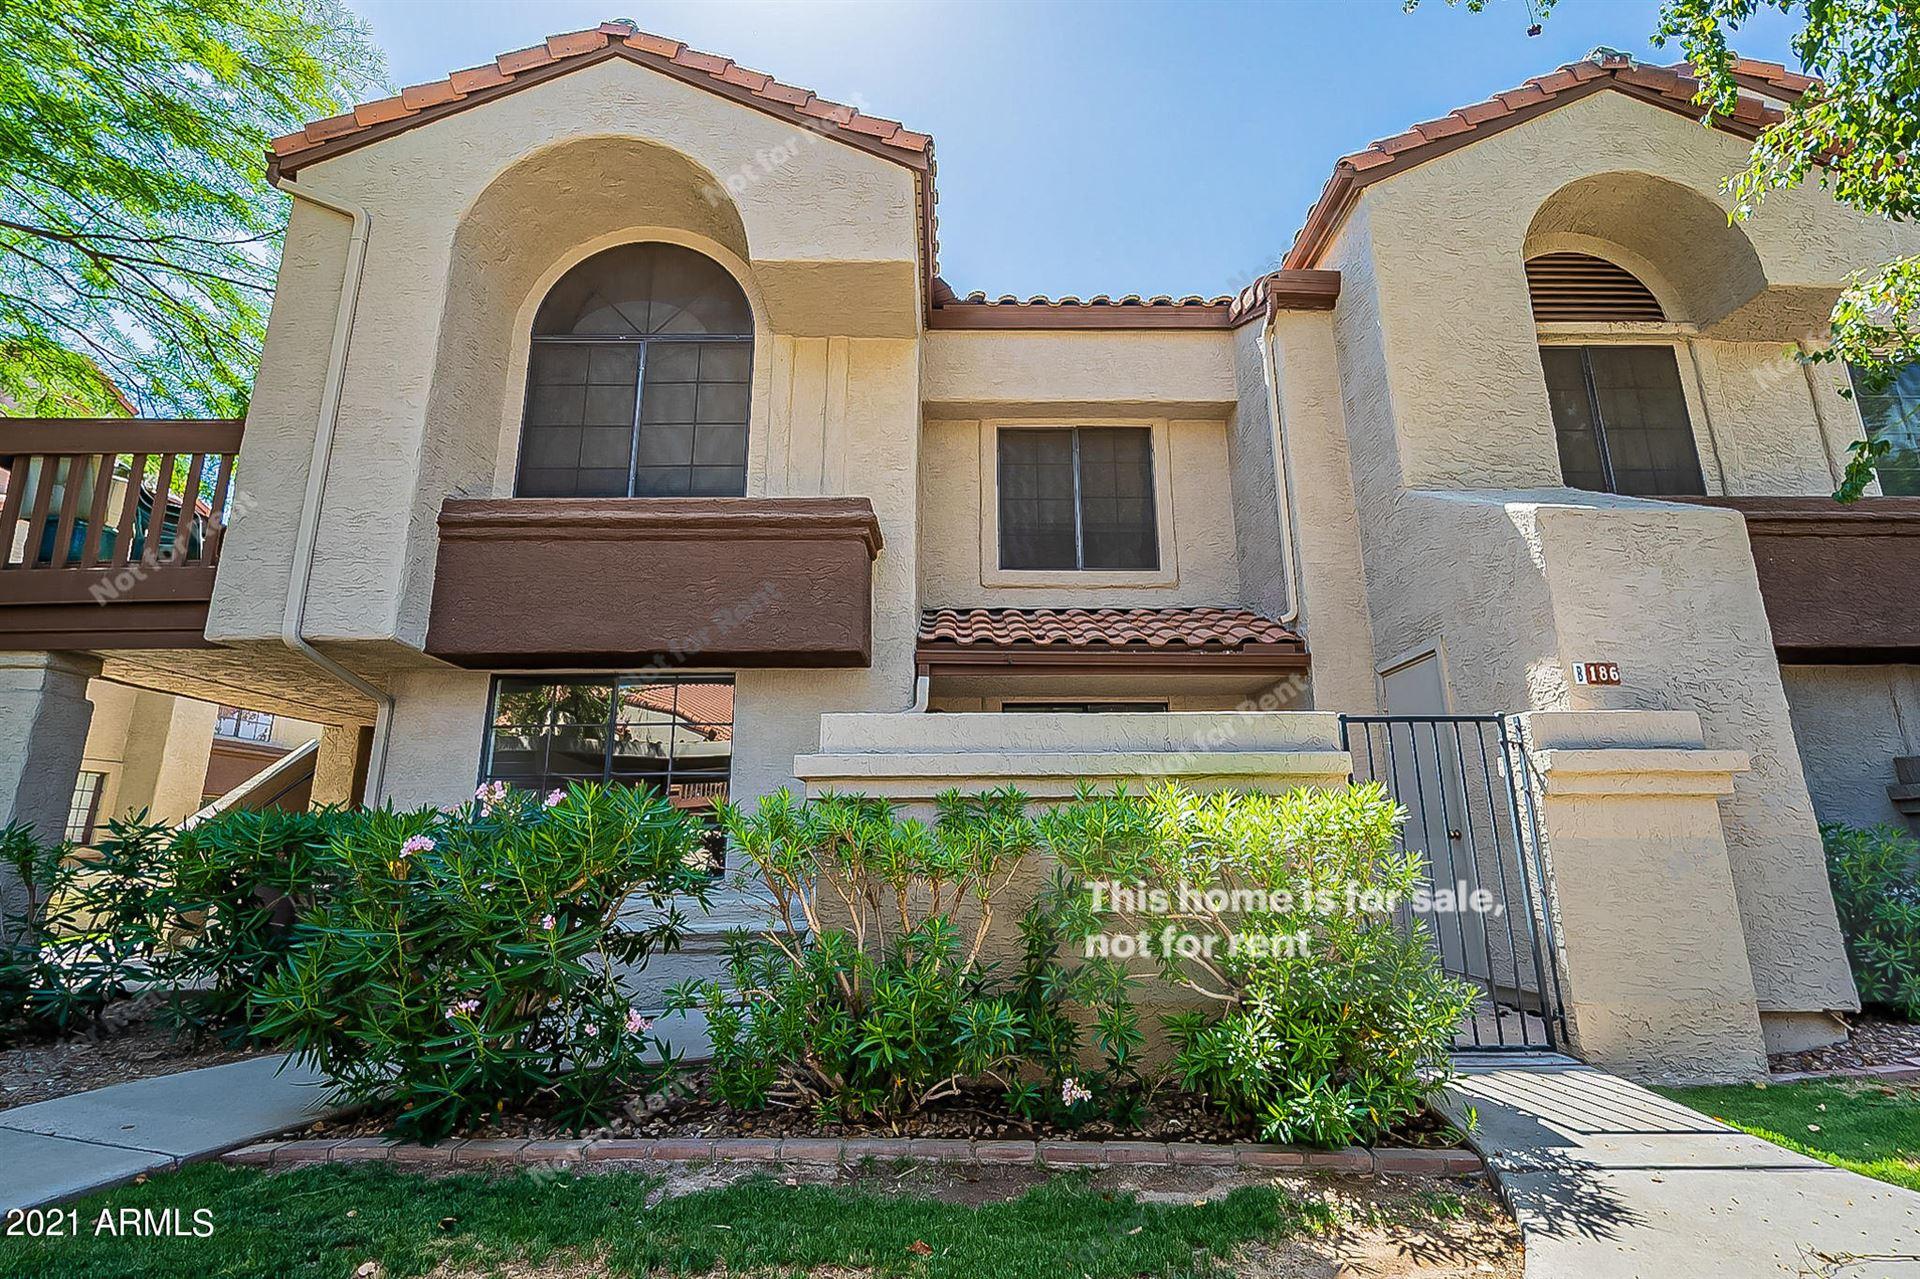 839 S WESTWOOD -- #186, Mesa, AZ 85210 - MLS#: 6238564